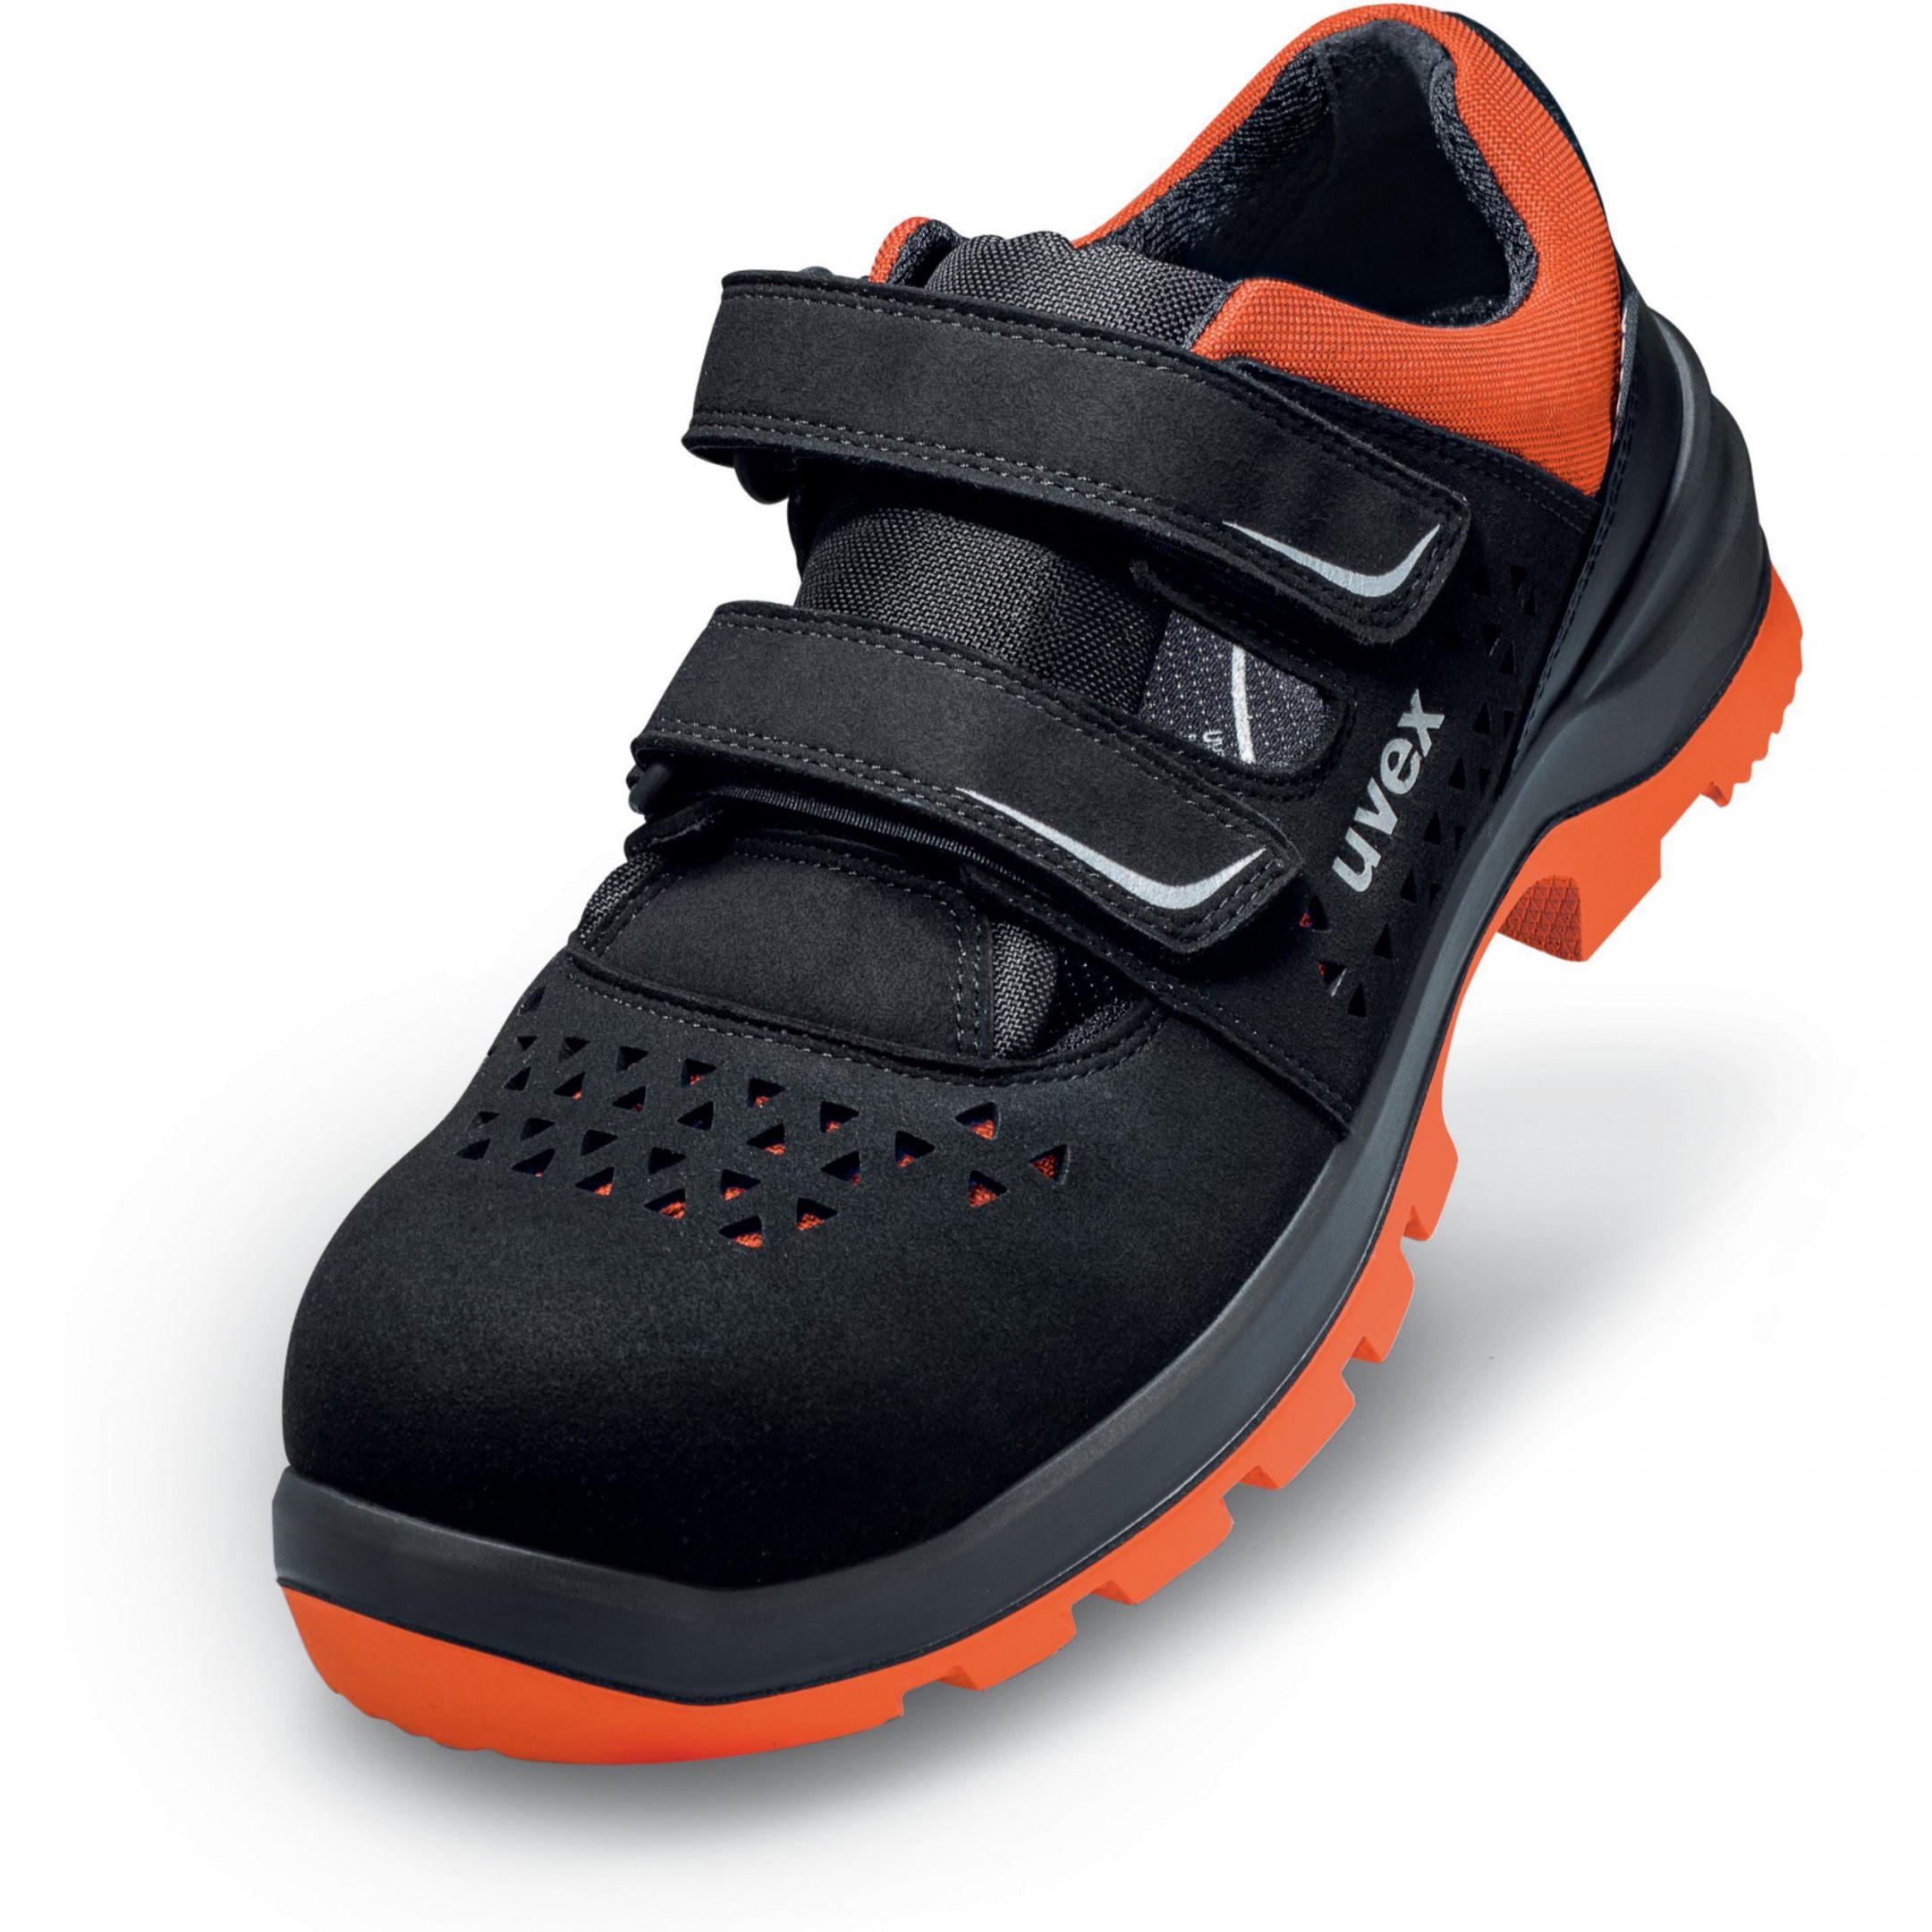 Sandali S1 uvex 2 xenova® | Scarpe antinfortunistiche | uvex